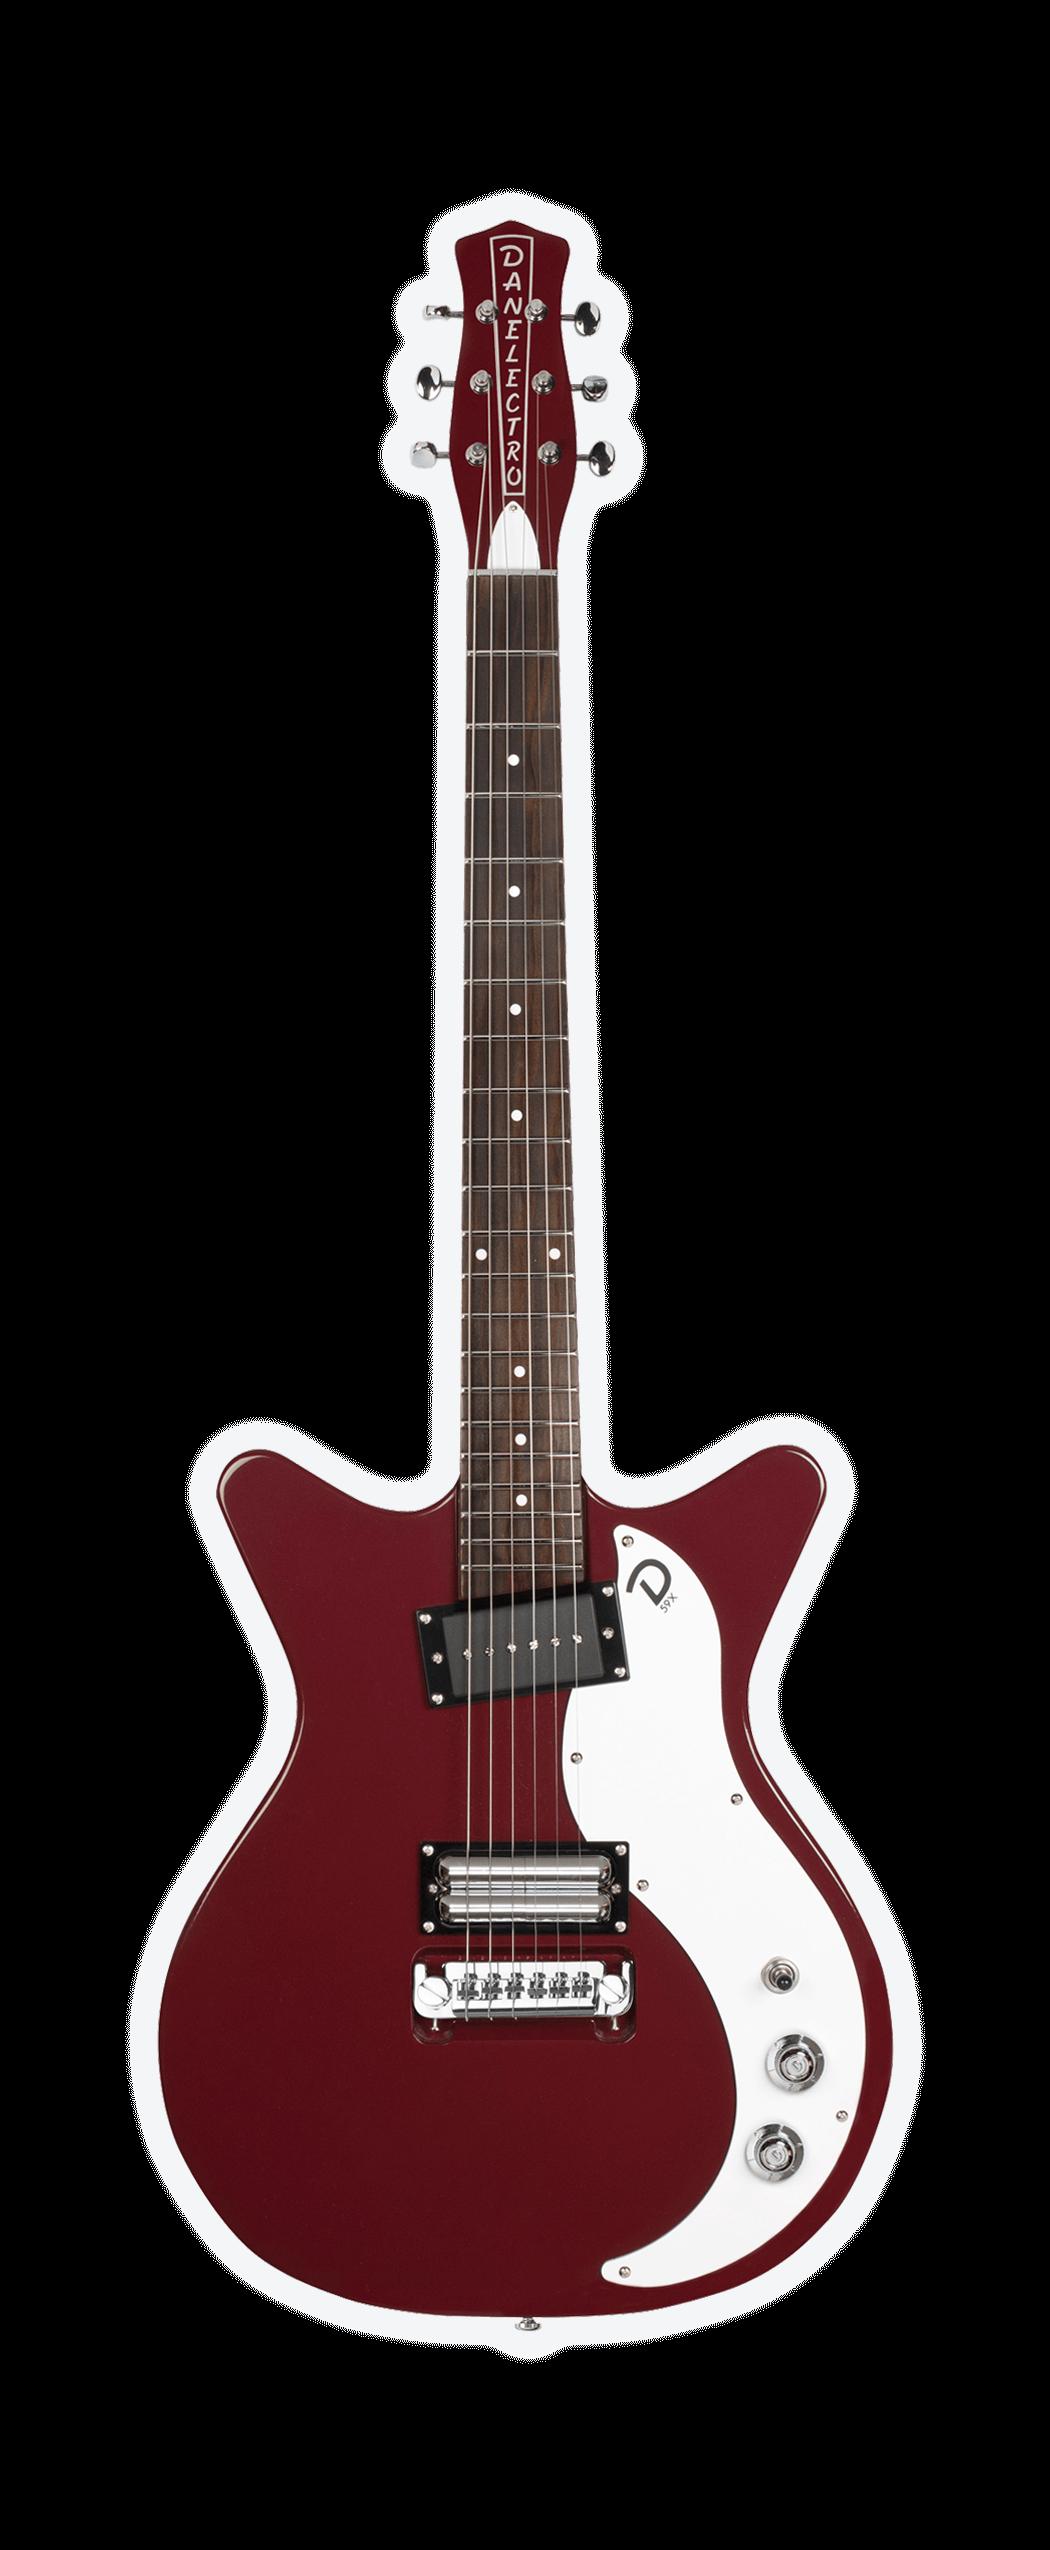 59x guitar danelectro guitars. Black Bedroom Furniture Sets. Home Design Ideas